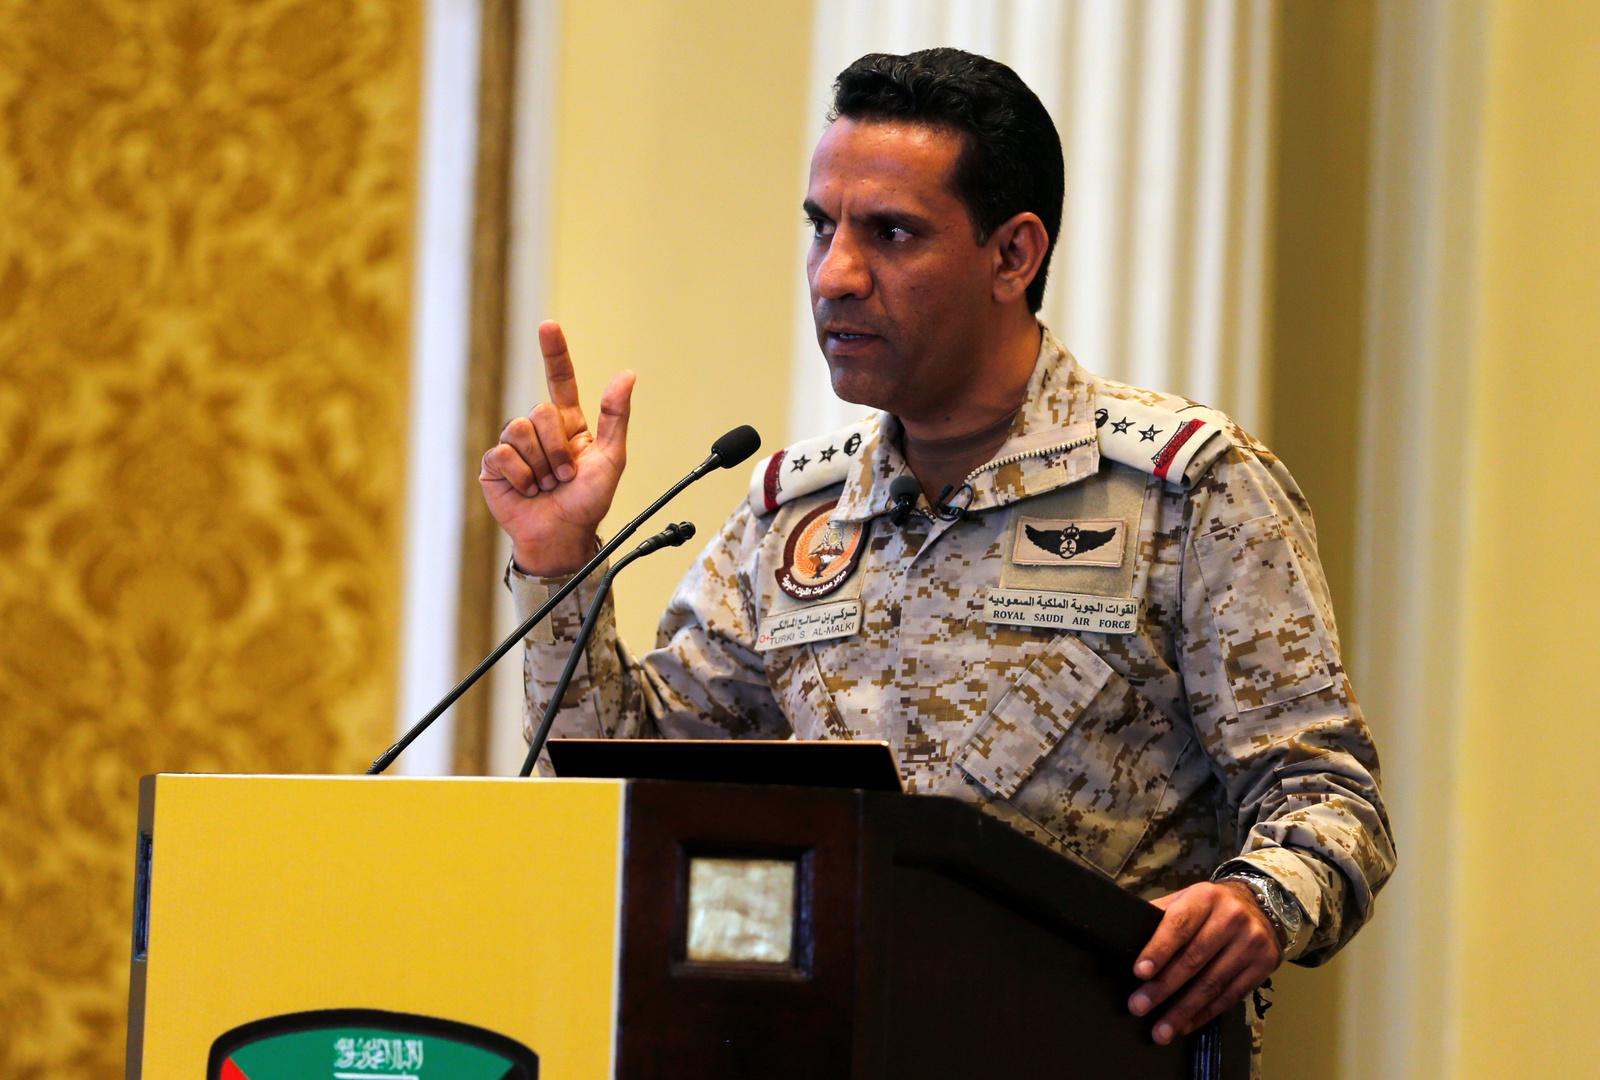 الدفاع السعودية: الهجوم على منشآت النفط بالمملكة عمل إرهابي وجبان وسنتخذ الإجراءات اللازمة